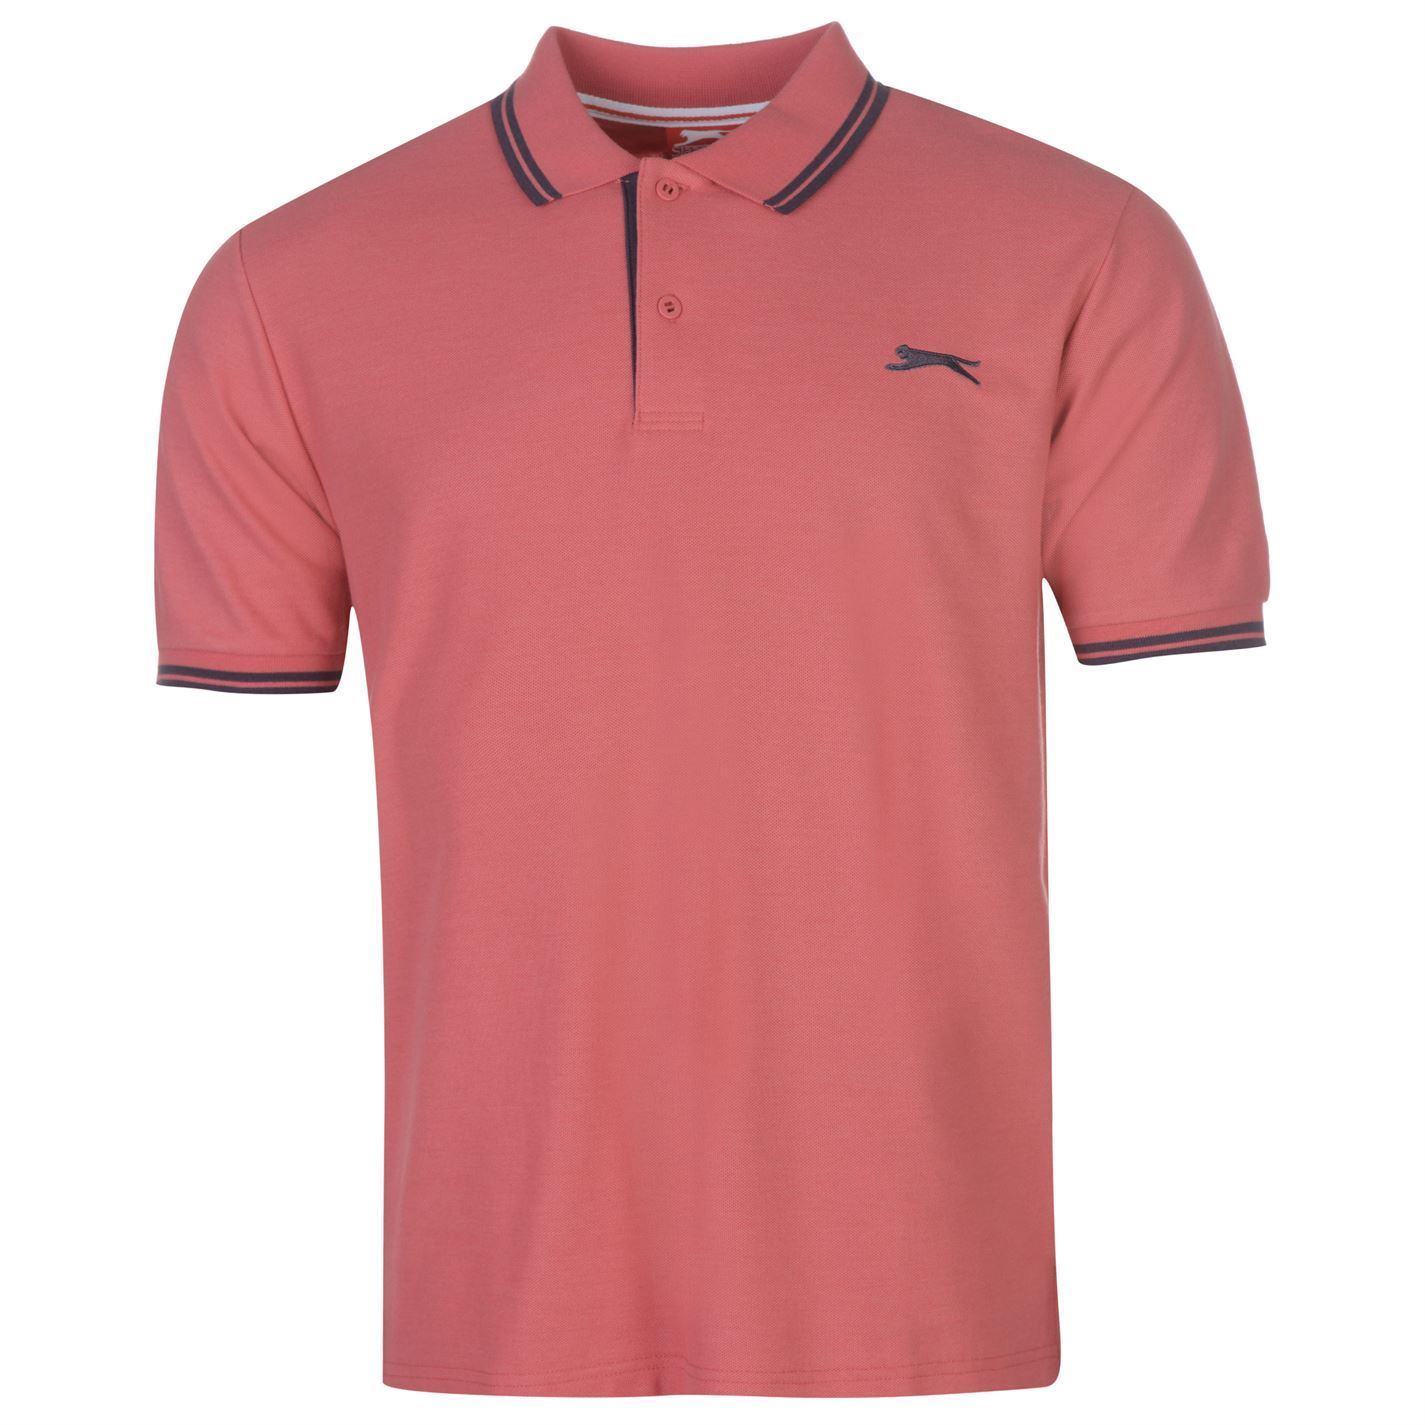 Slazenger-Polo-Camisa-de-hombre-con-cuello-con-Punta-T-Shirt-Top-Camiseta-Tee miniatura 97